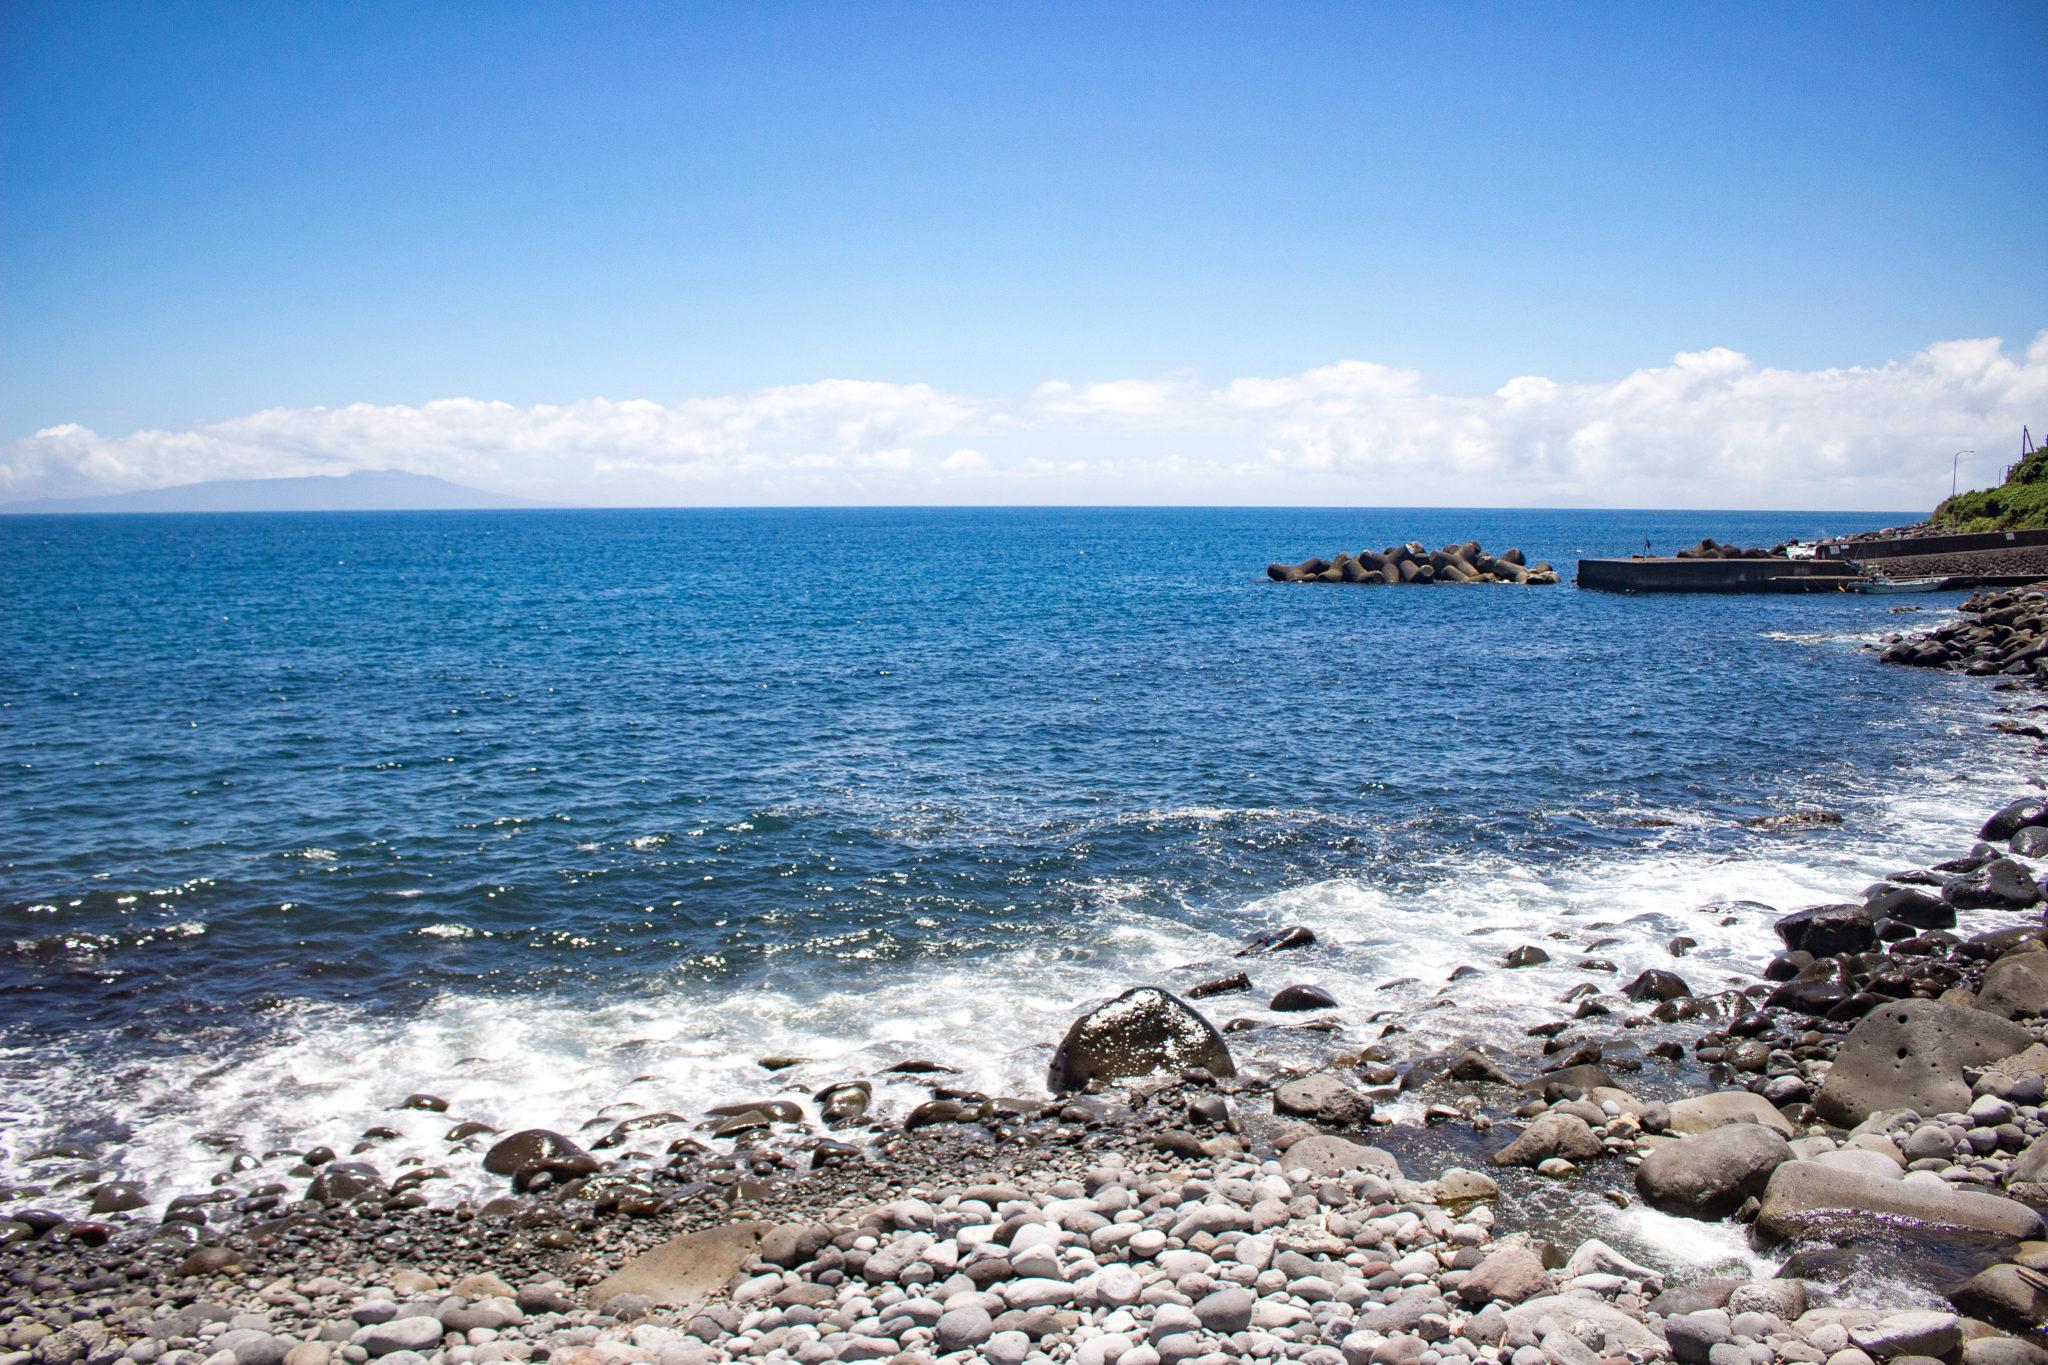 本日の大川海岸のようす